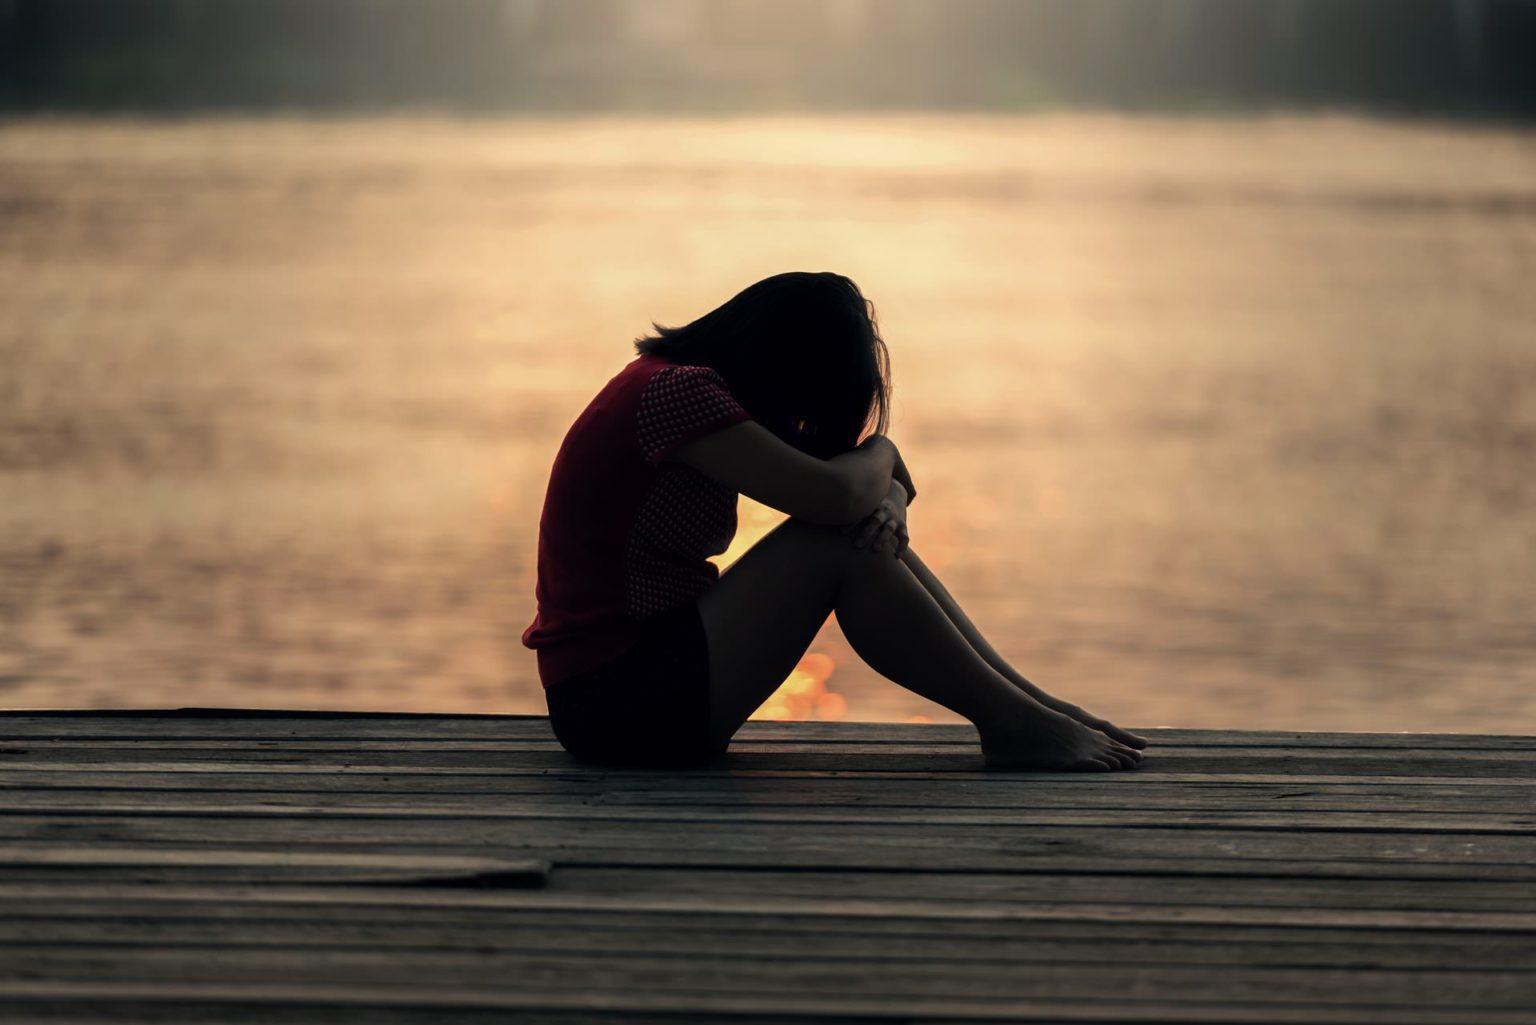 πένθος. Μια γυναίκα που θρηνεί/ είναι στεναχωρημένη για κάτι